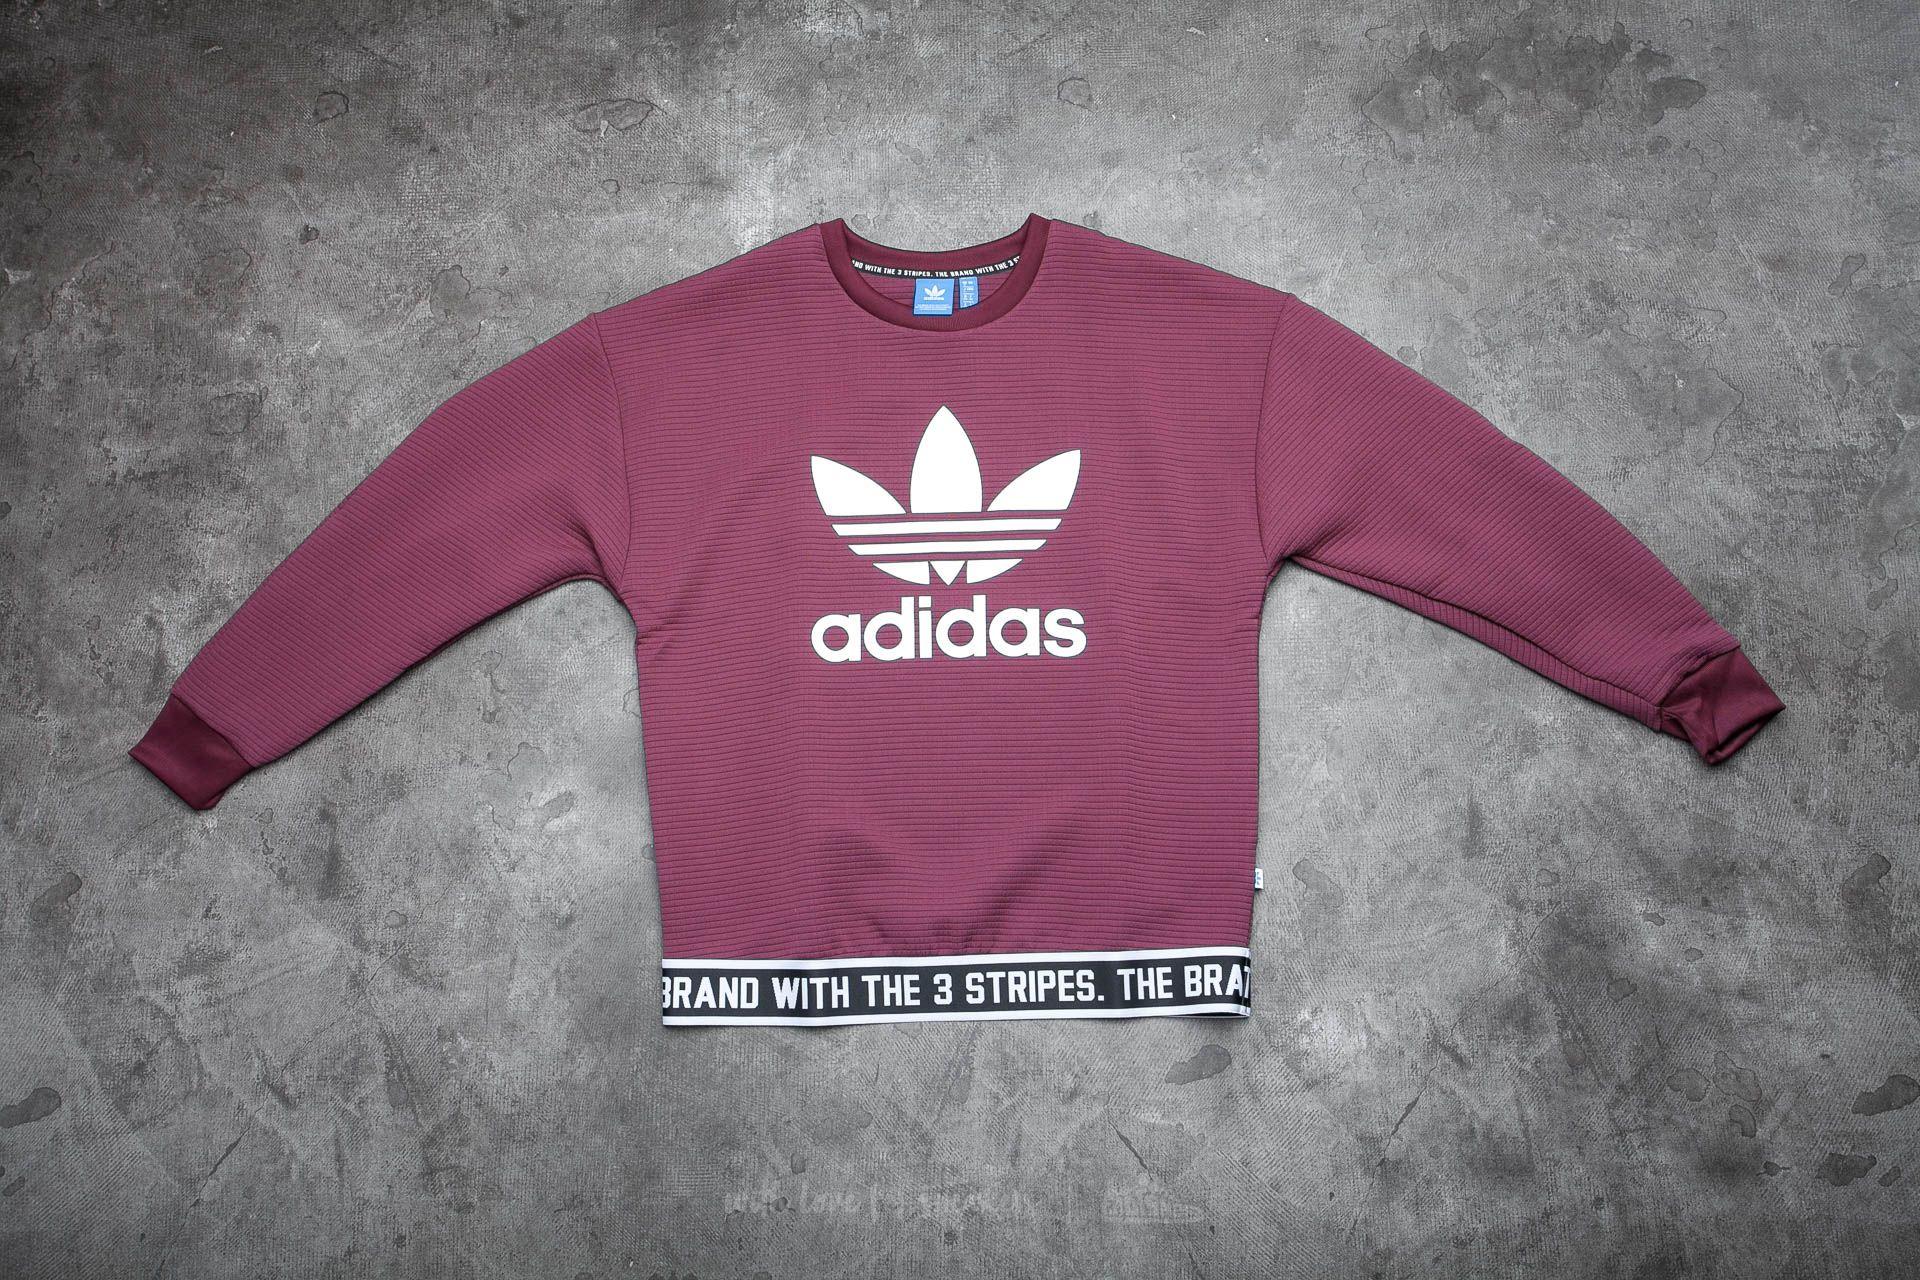 adidas Trefoil Sweatshirt Maroon  92f36fae57a2